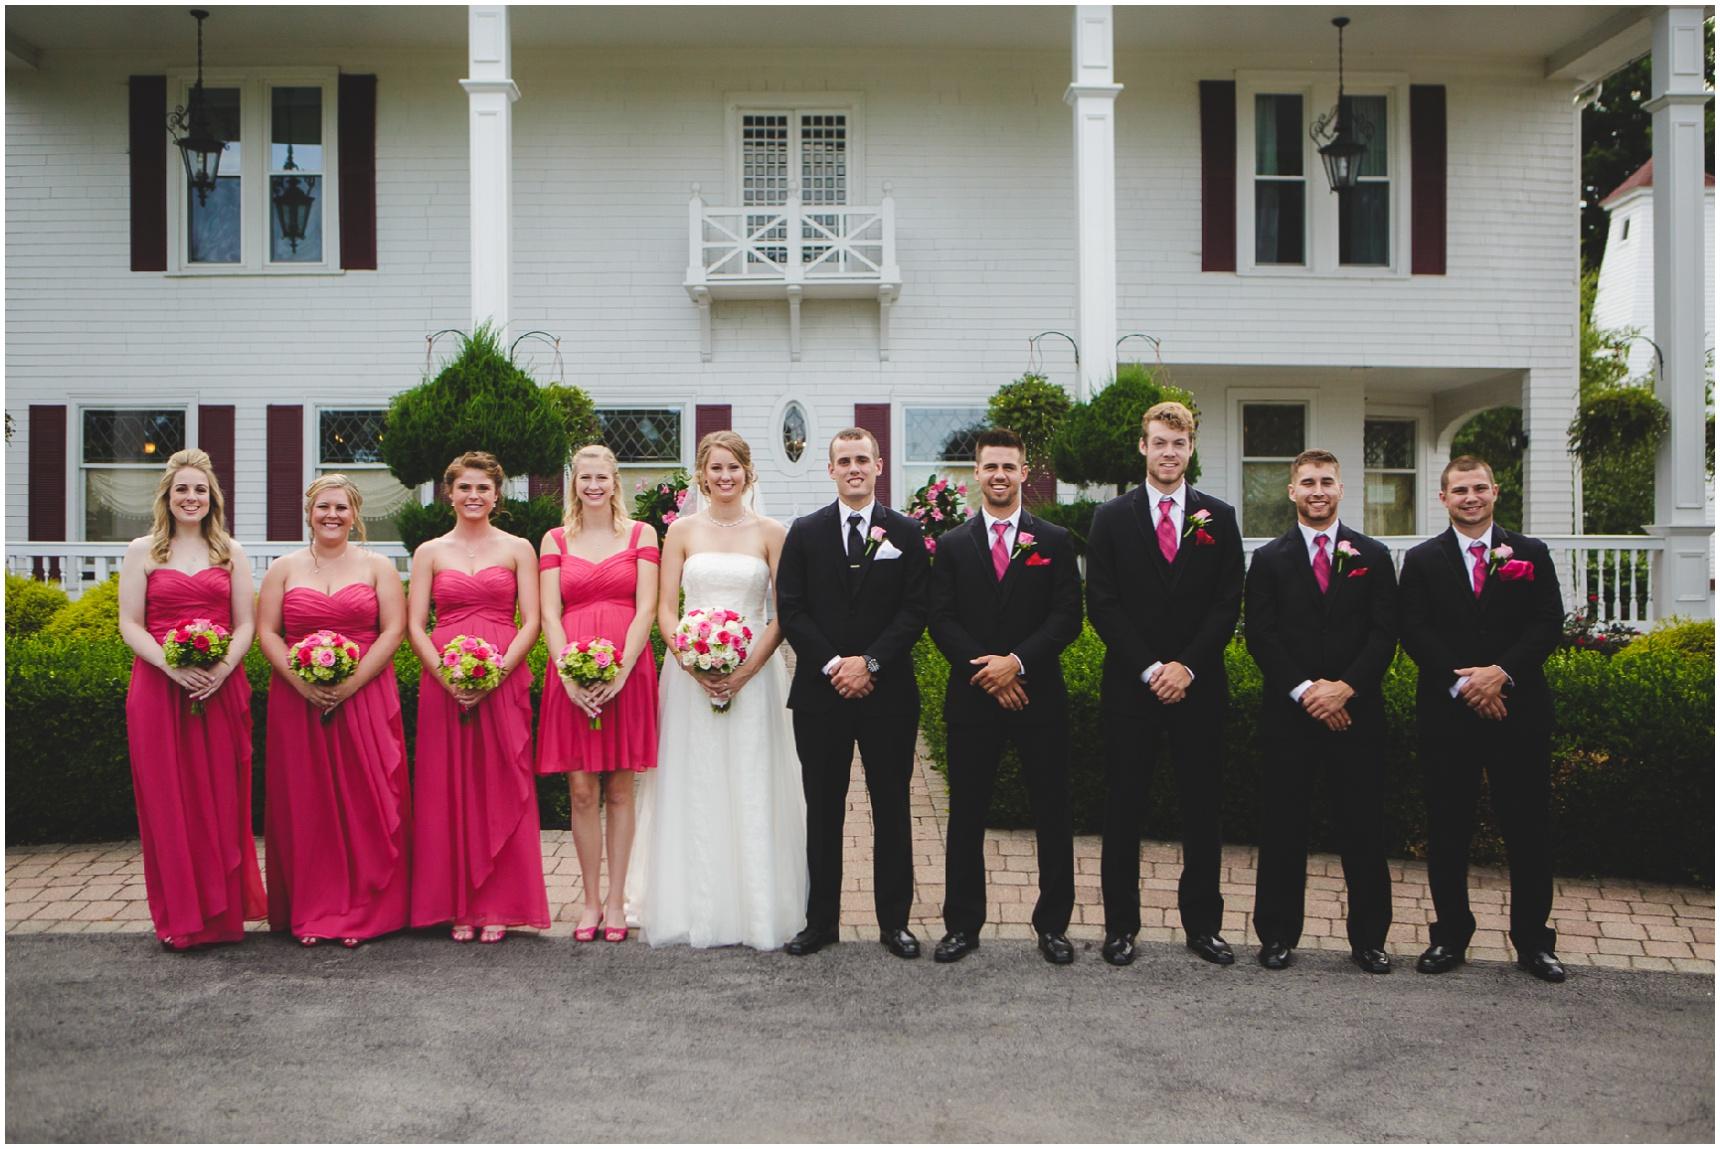 Buffalo-Avanti-Wedding-Photographer_029.jpg